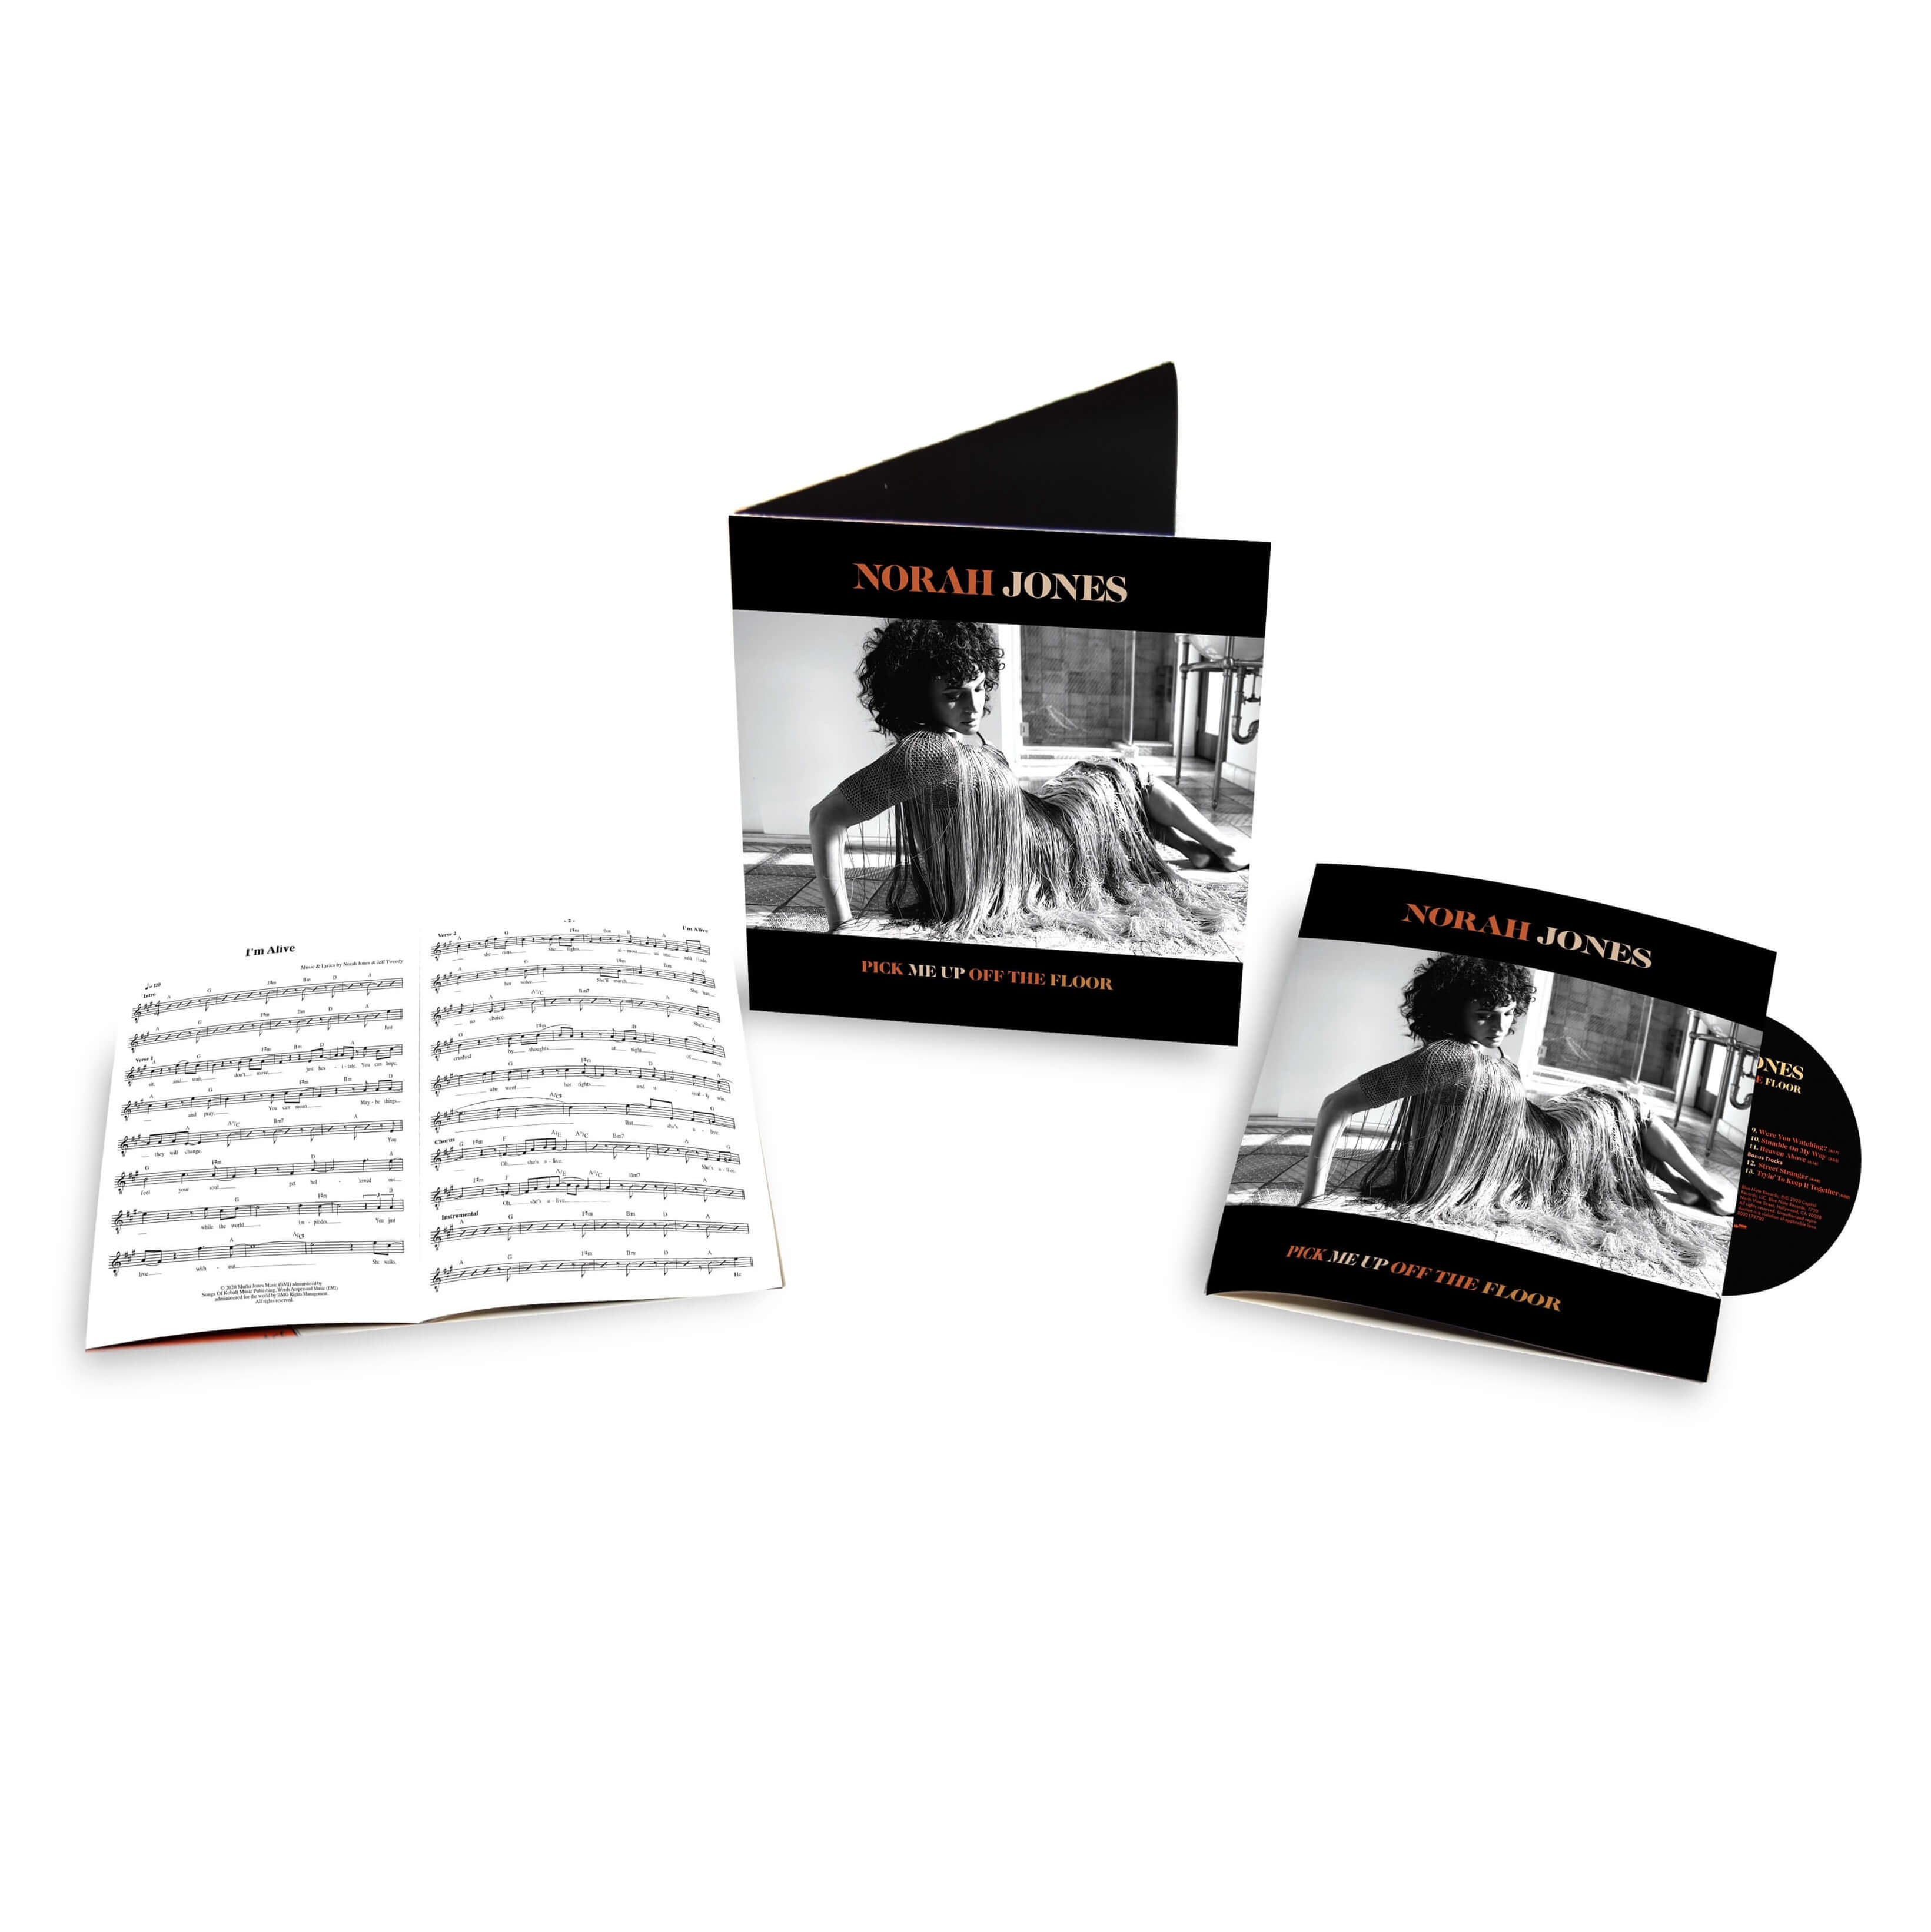 Norah Jones - CD Pick Me Up Off The Floor (Ltd. Deluxe Edition)